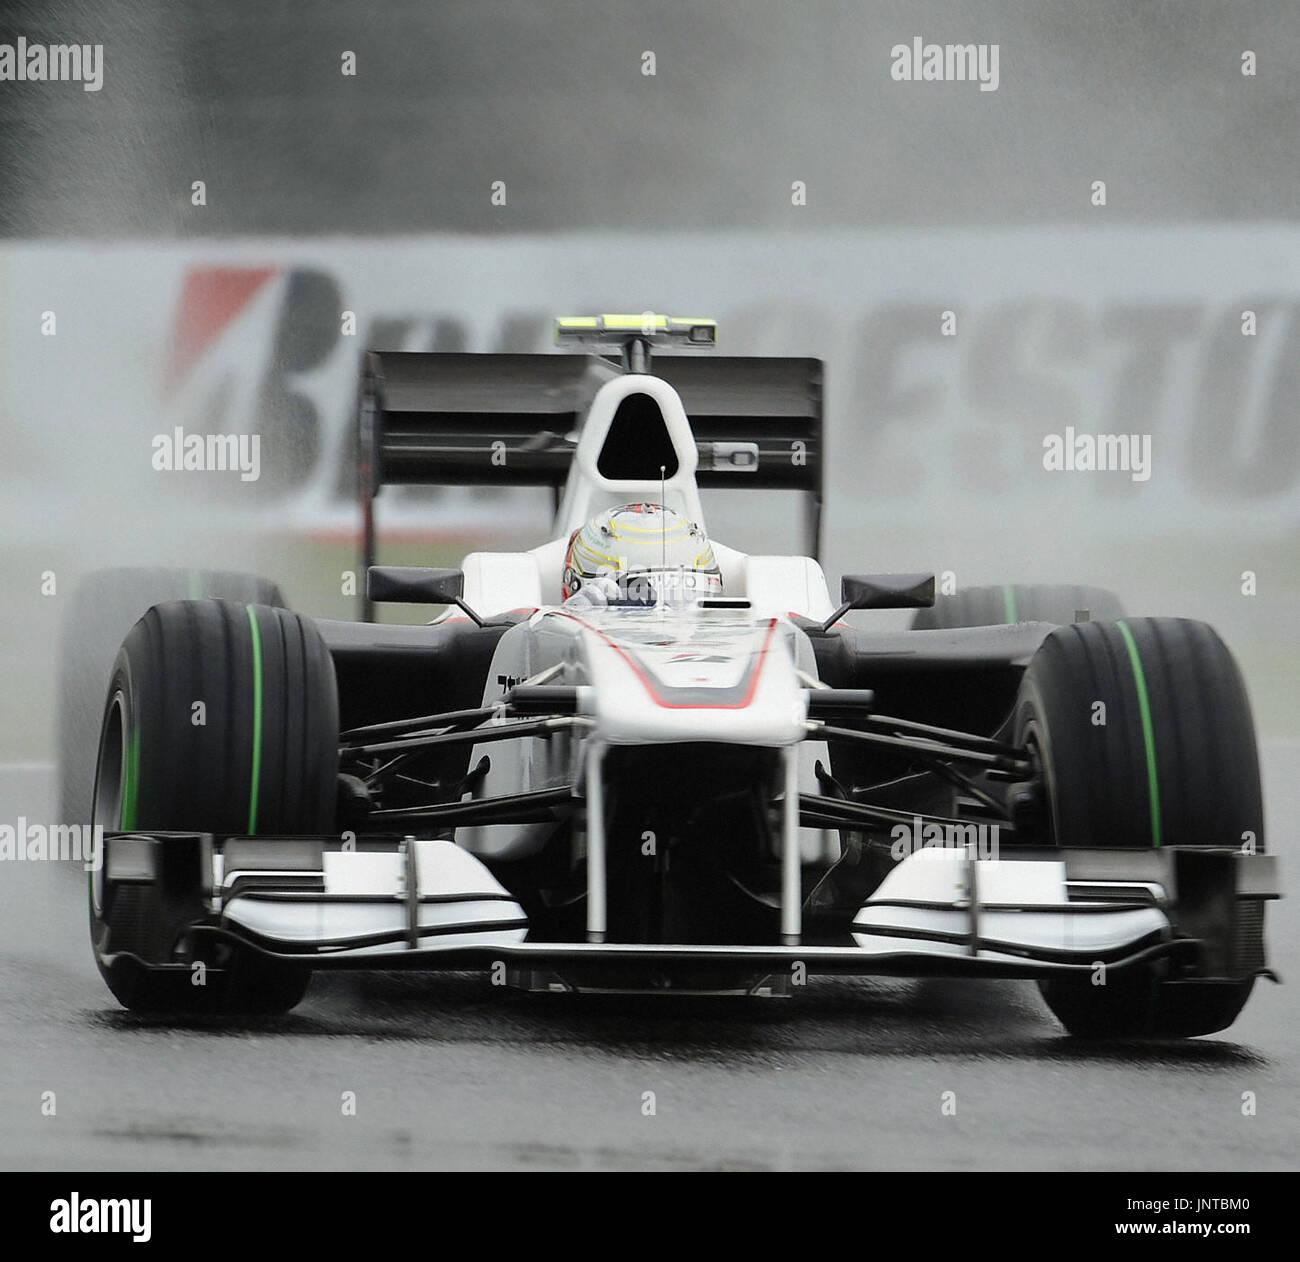 nouveau style a1831 be5d7 SUZUKA, Japan - BMW Sauber's Kamui Kobayashi goes for a free ...